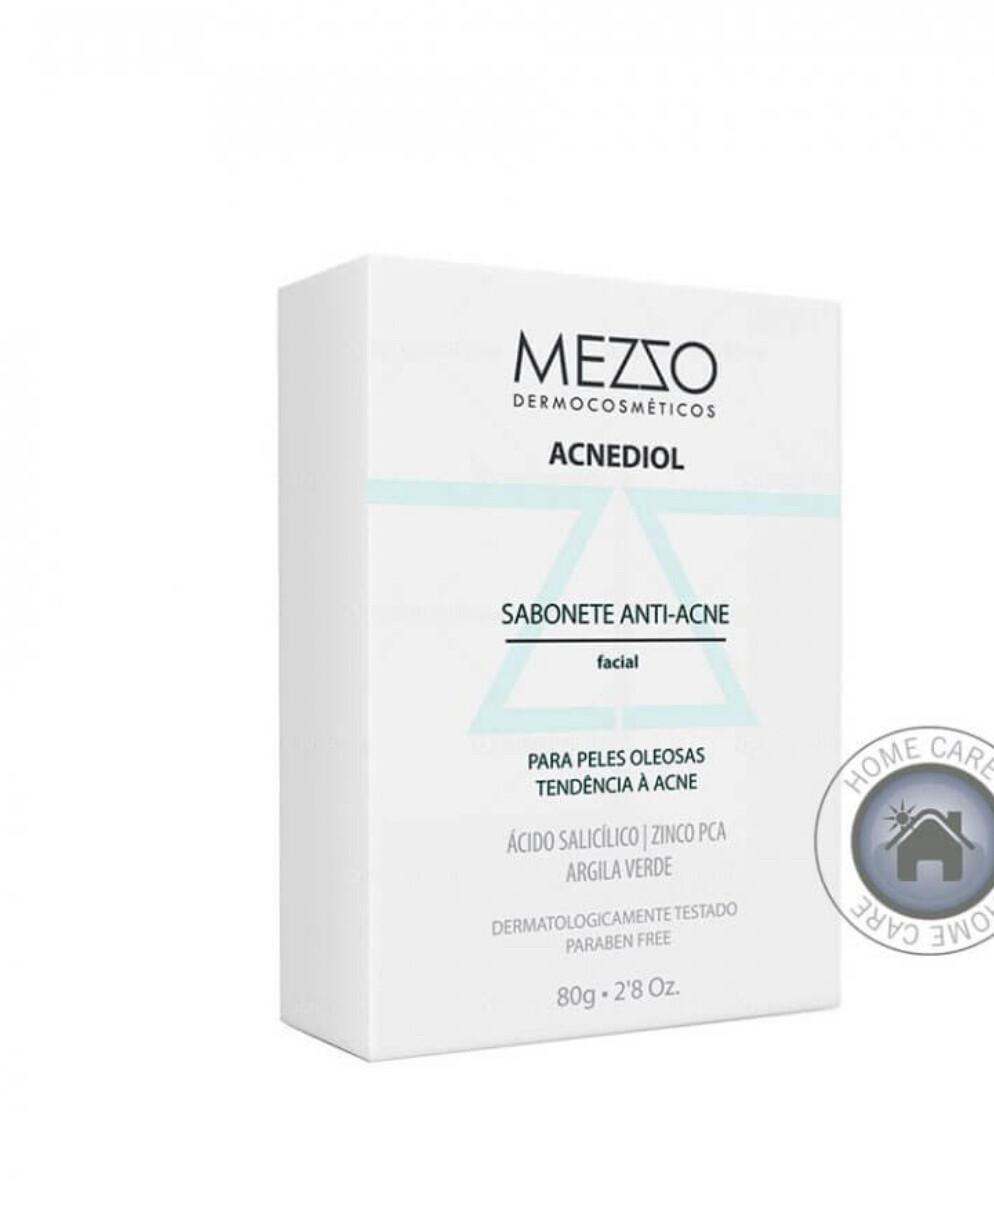 Savon anti-acné